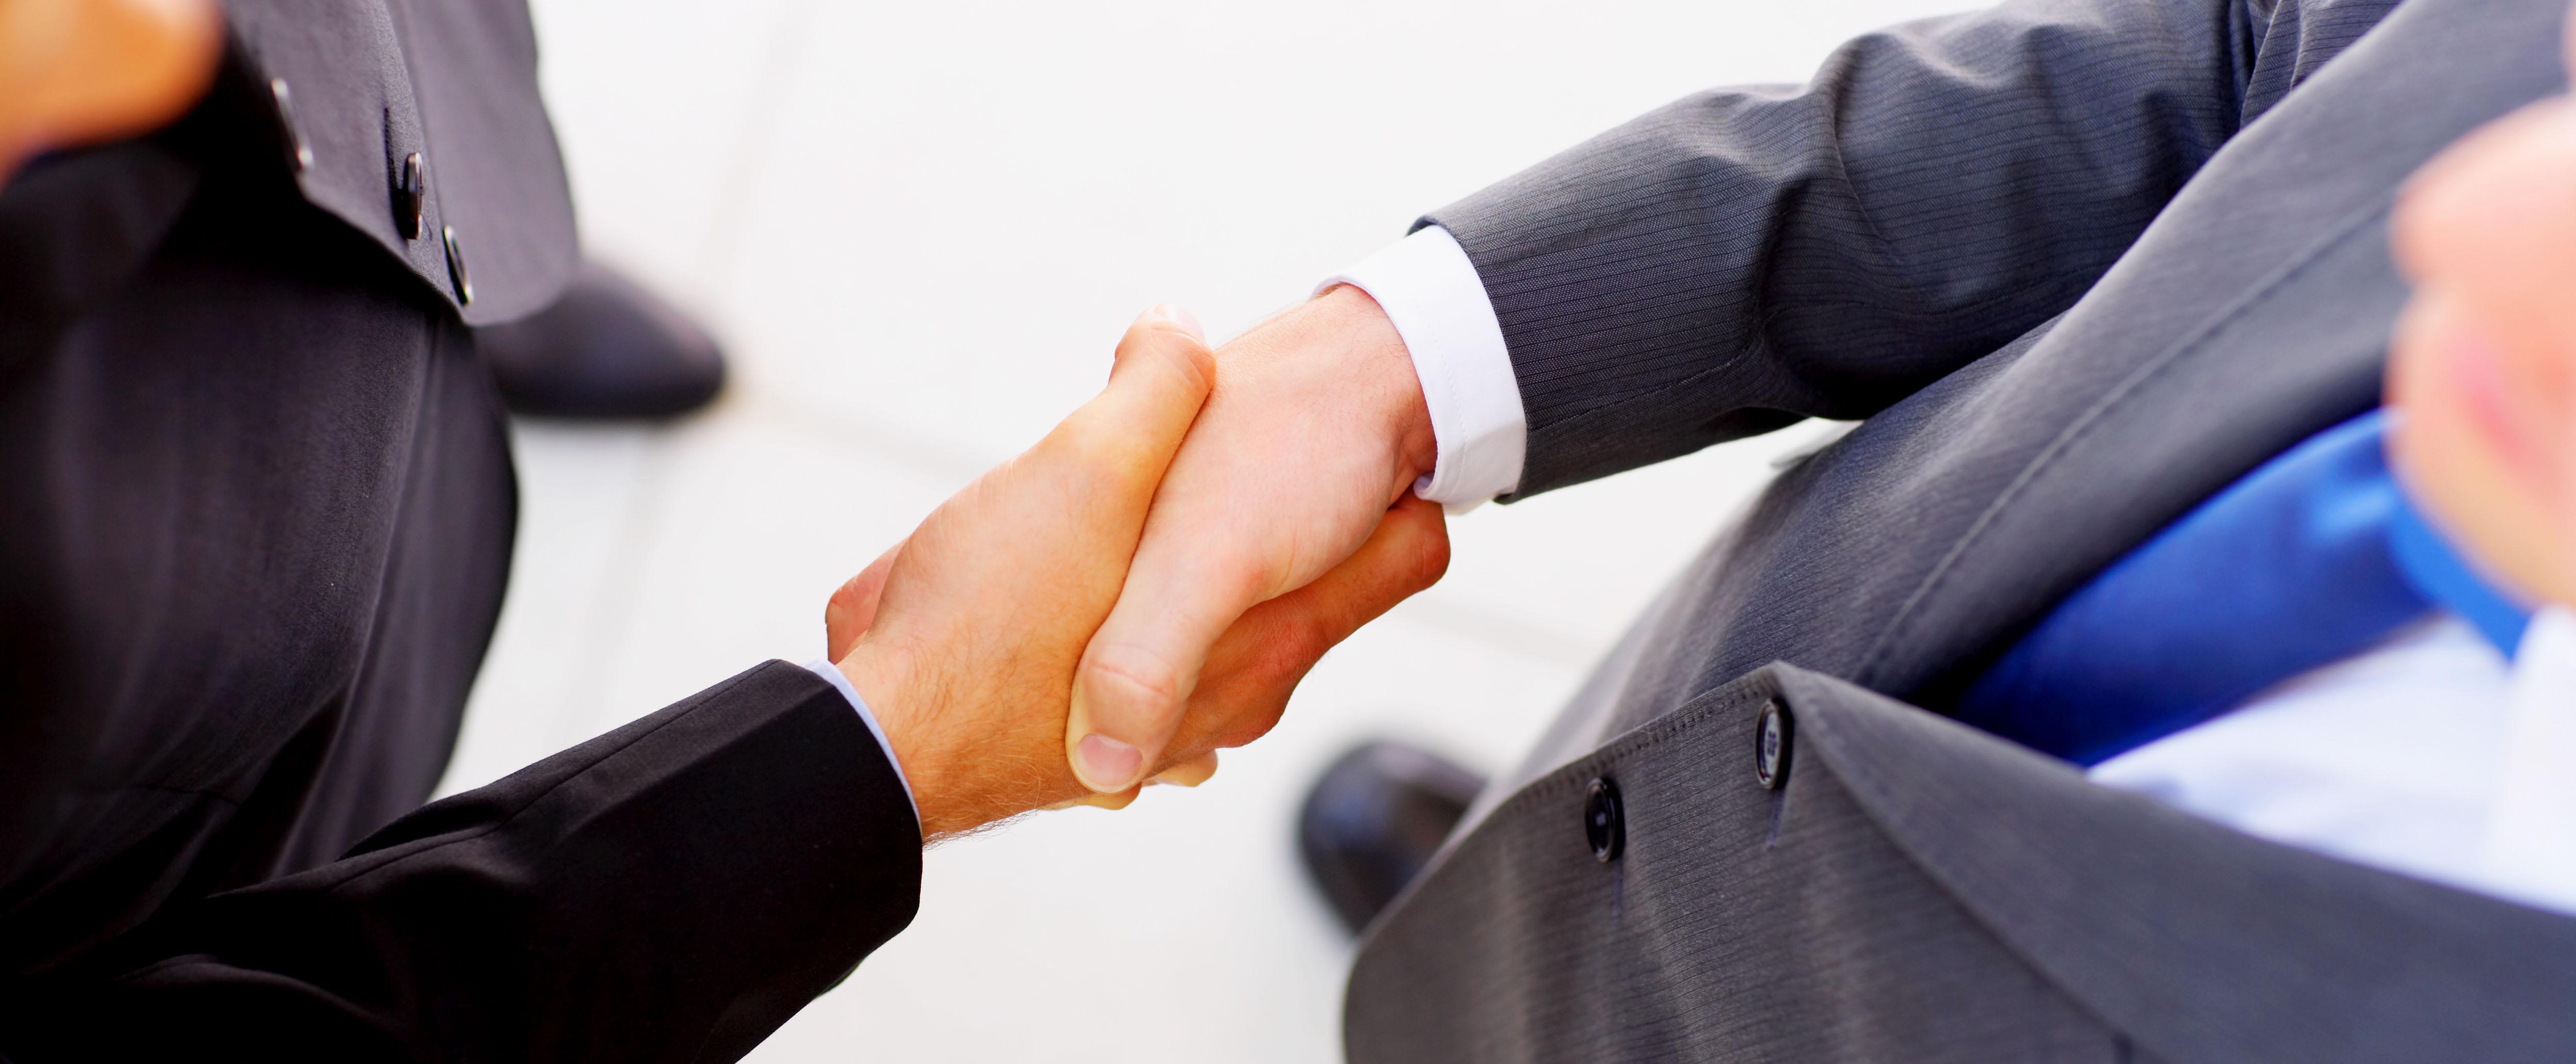 shutterstock 3558510 Kopie - Как зарабатывать на партнерках с нуля, сидя на диване (гарантированная схема) – Пошаговый план